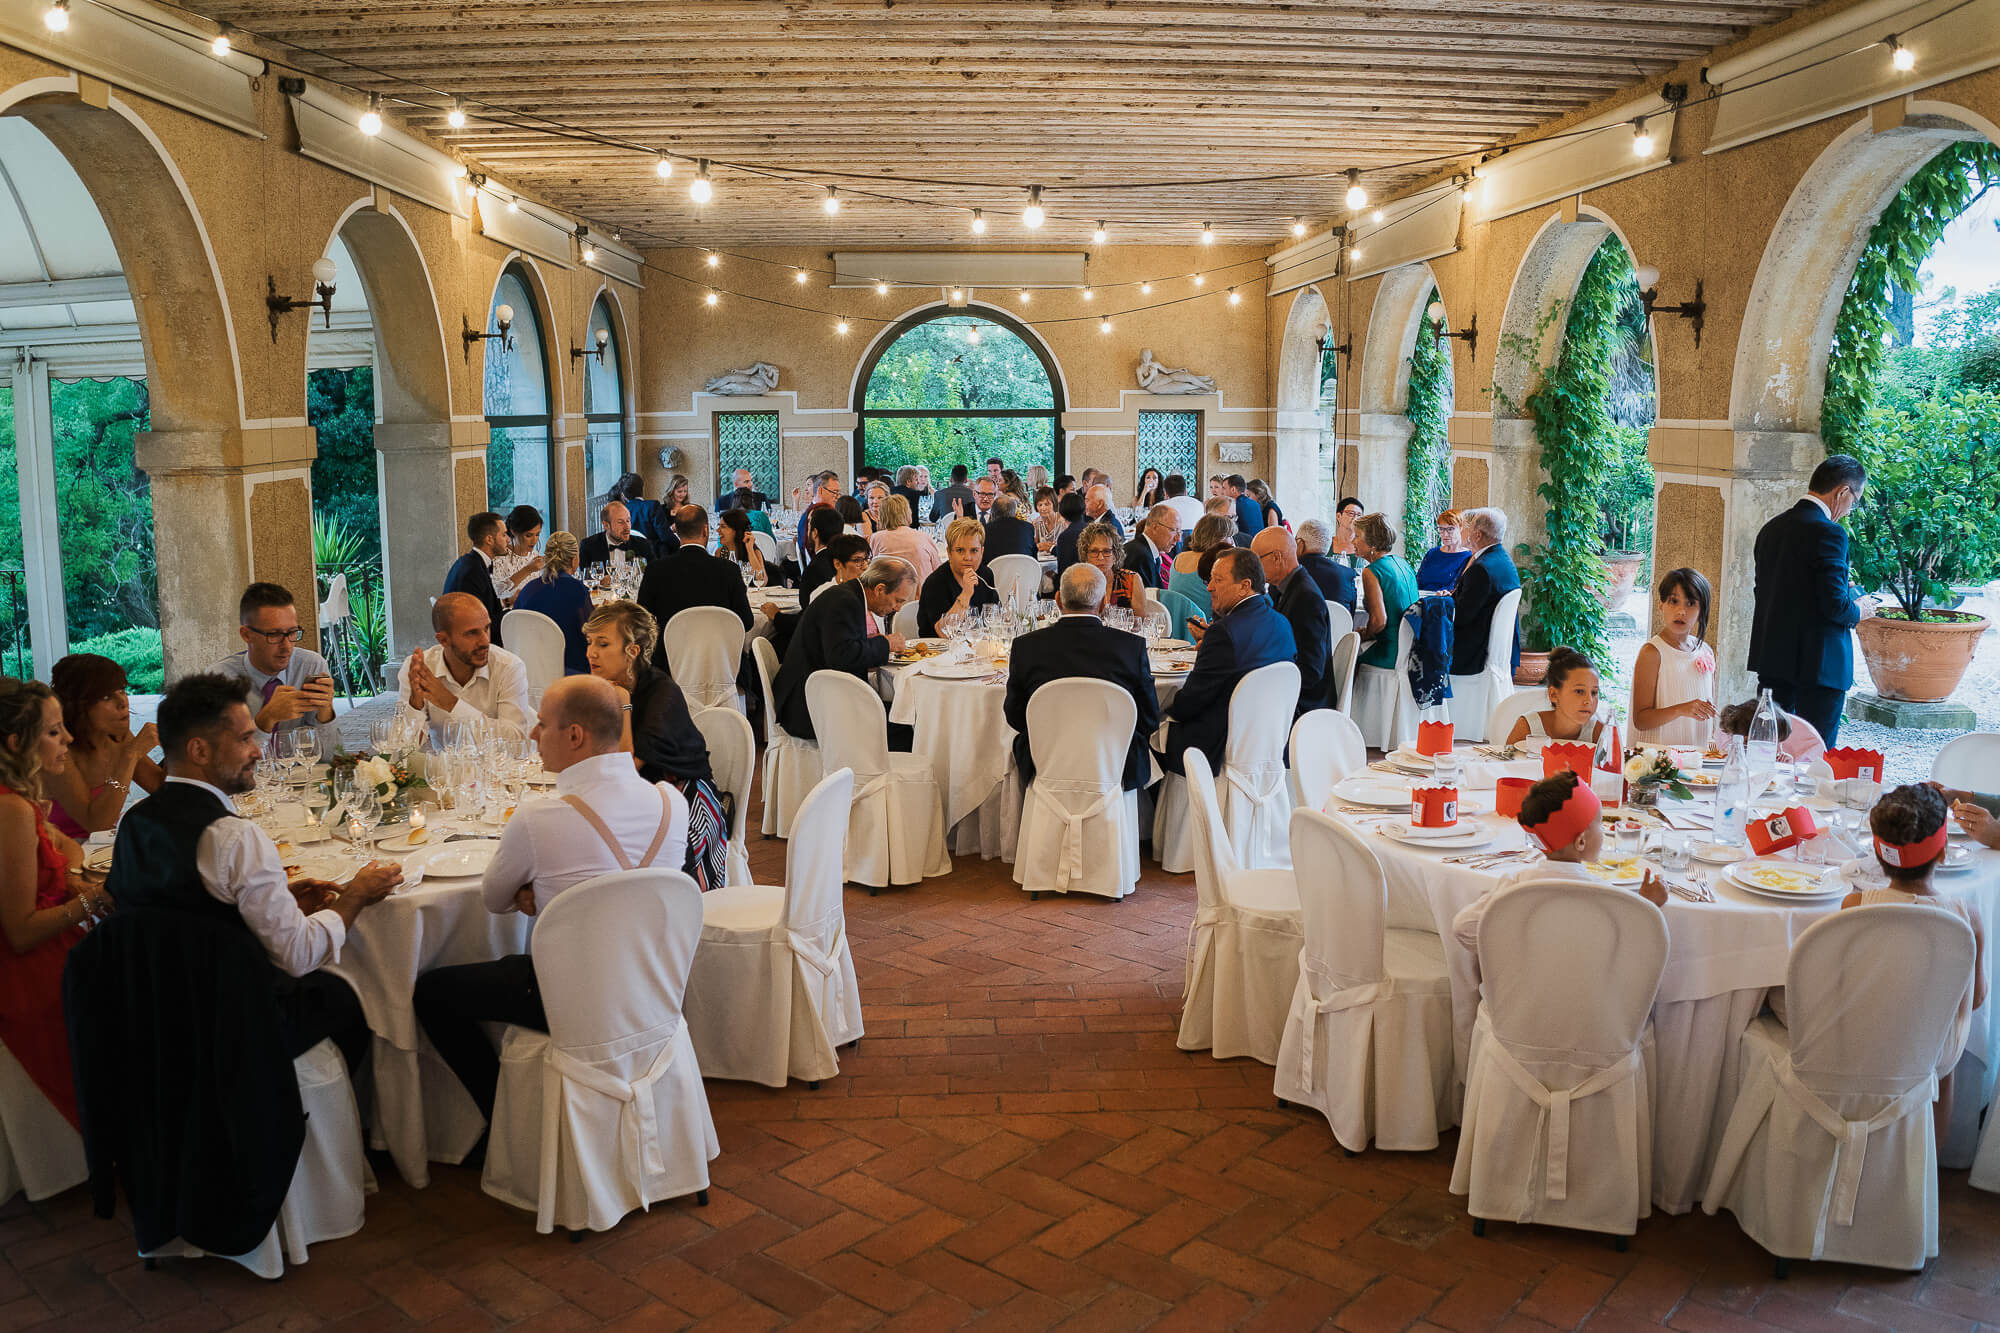 Servizio Fotografico di Matrimonio a Treviso, location Villa Lucheschi. Ecco Deborah e Niklas. Michelino Studio, fotografi professionisti di matrimonio in Veneto.